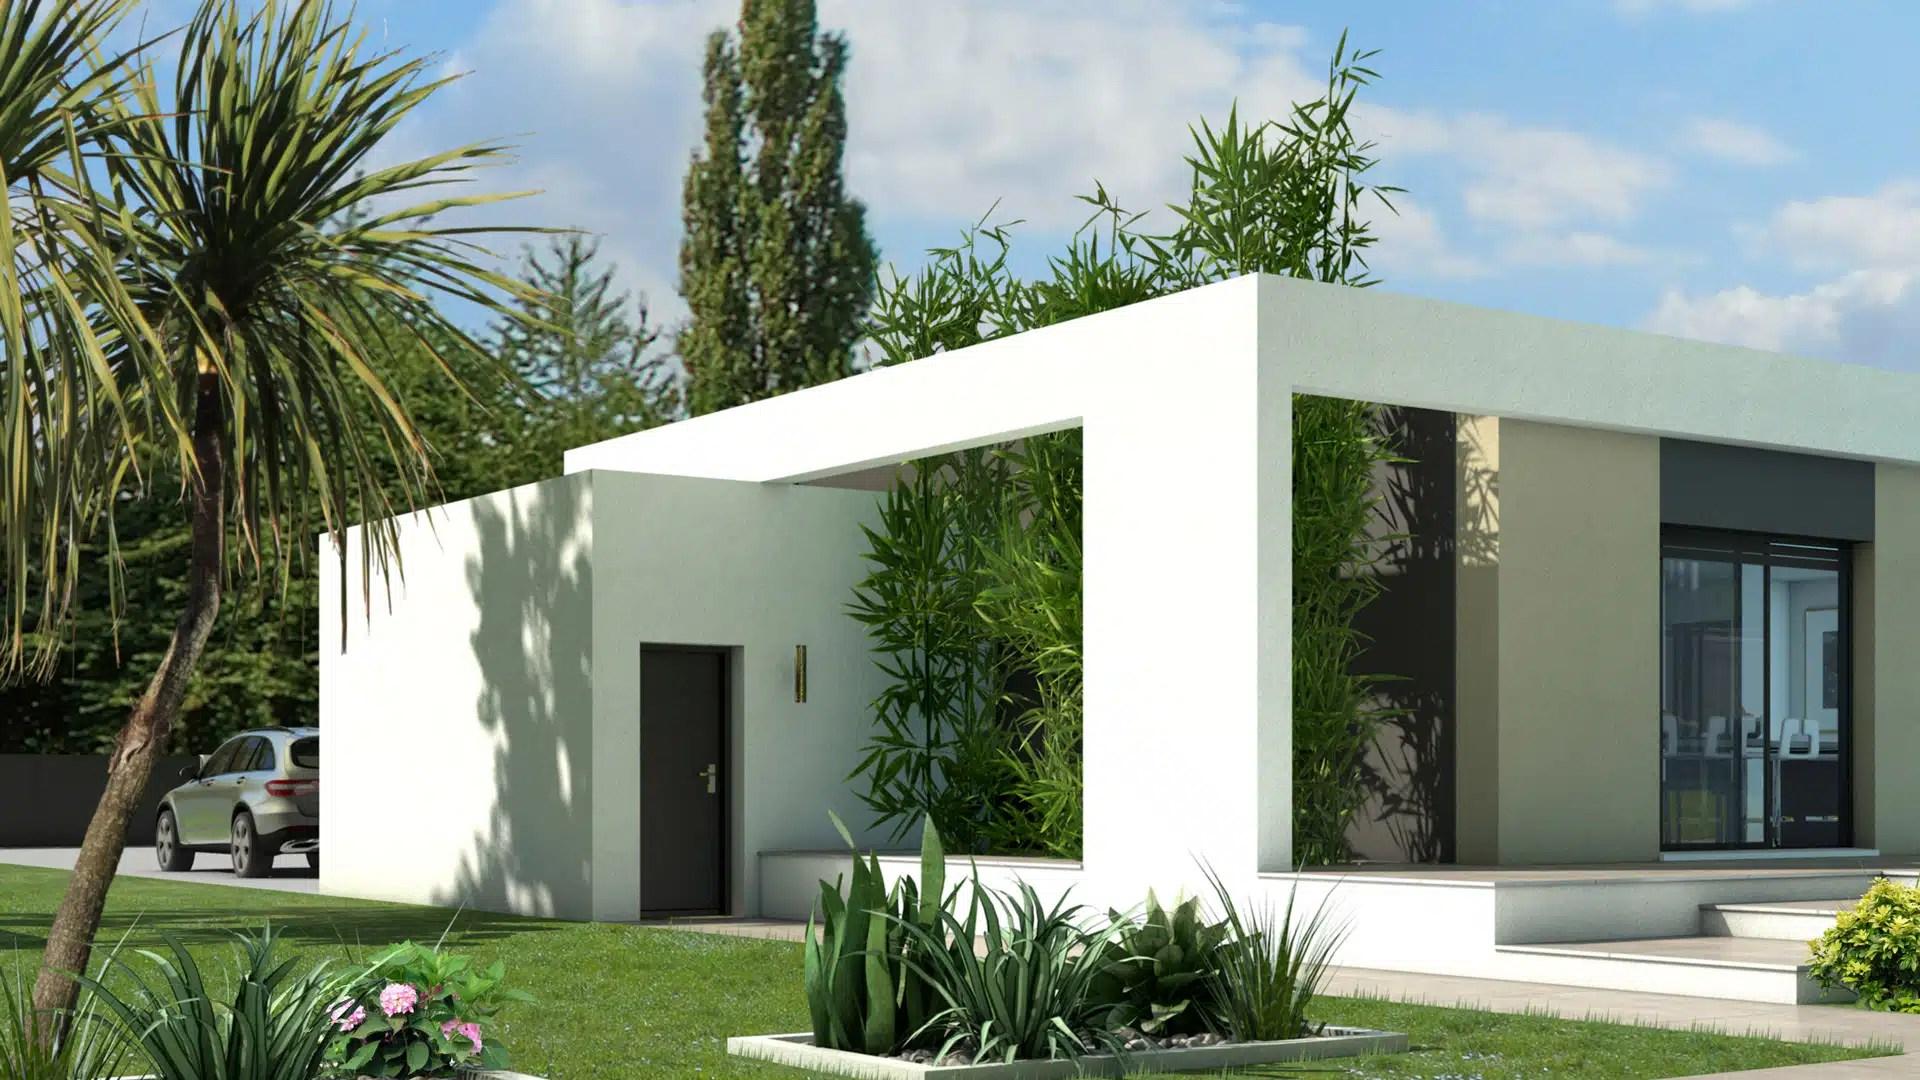 https://i0.wp.com/www.maisonsclairlogis.fr/wp-content/uploads/element-architectural_maison-contemporaine-jade.jpg?fit=1920%2C1080&ssl=1